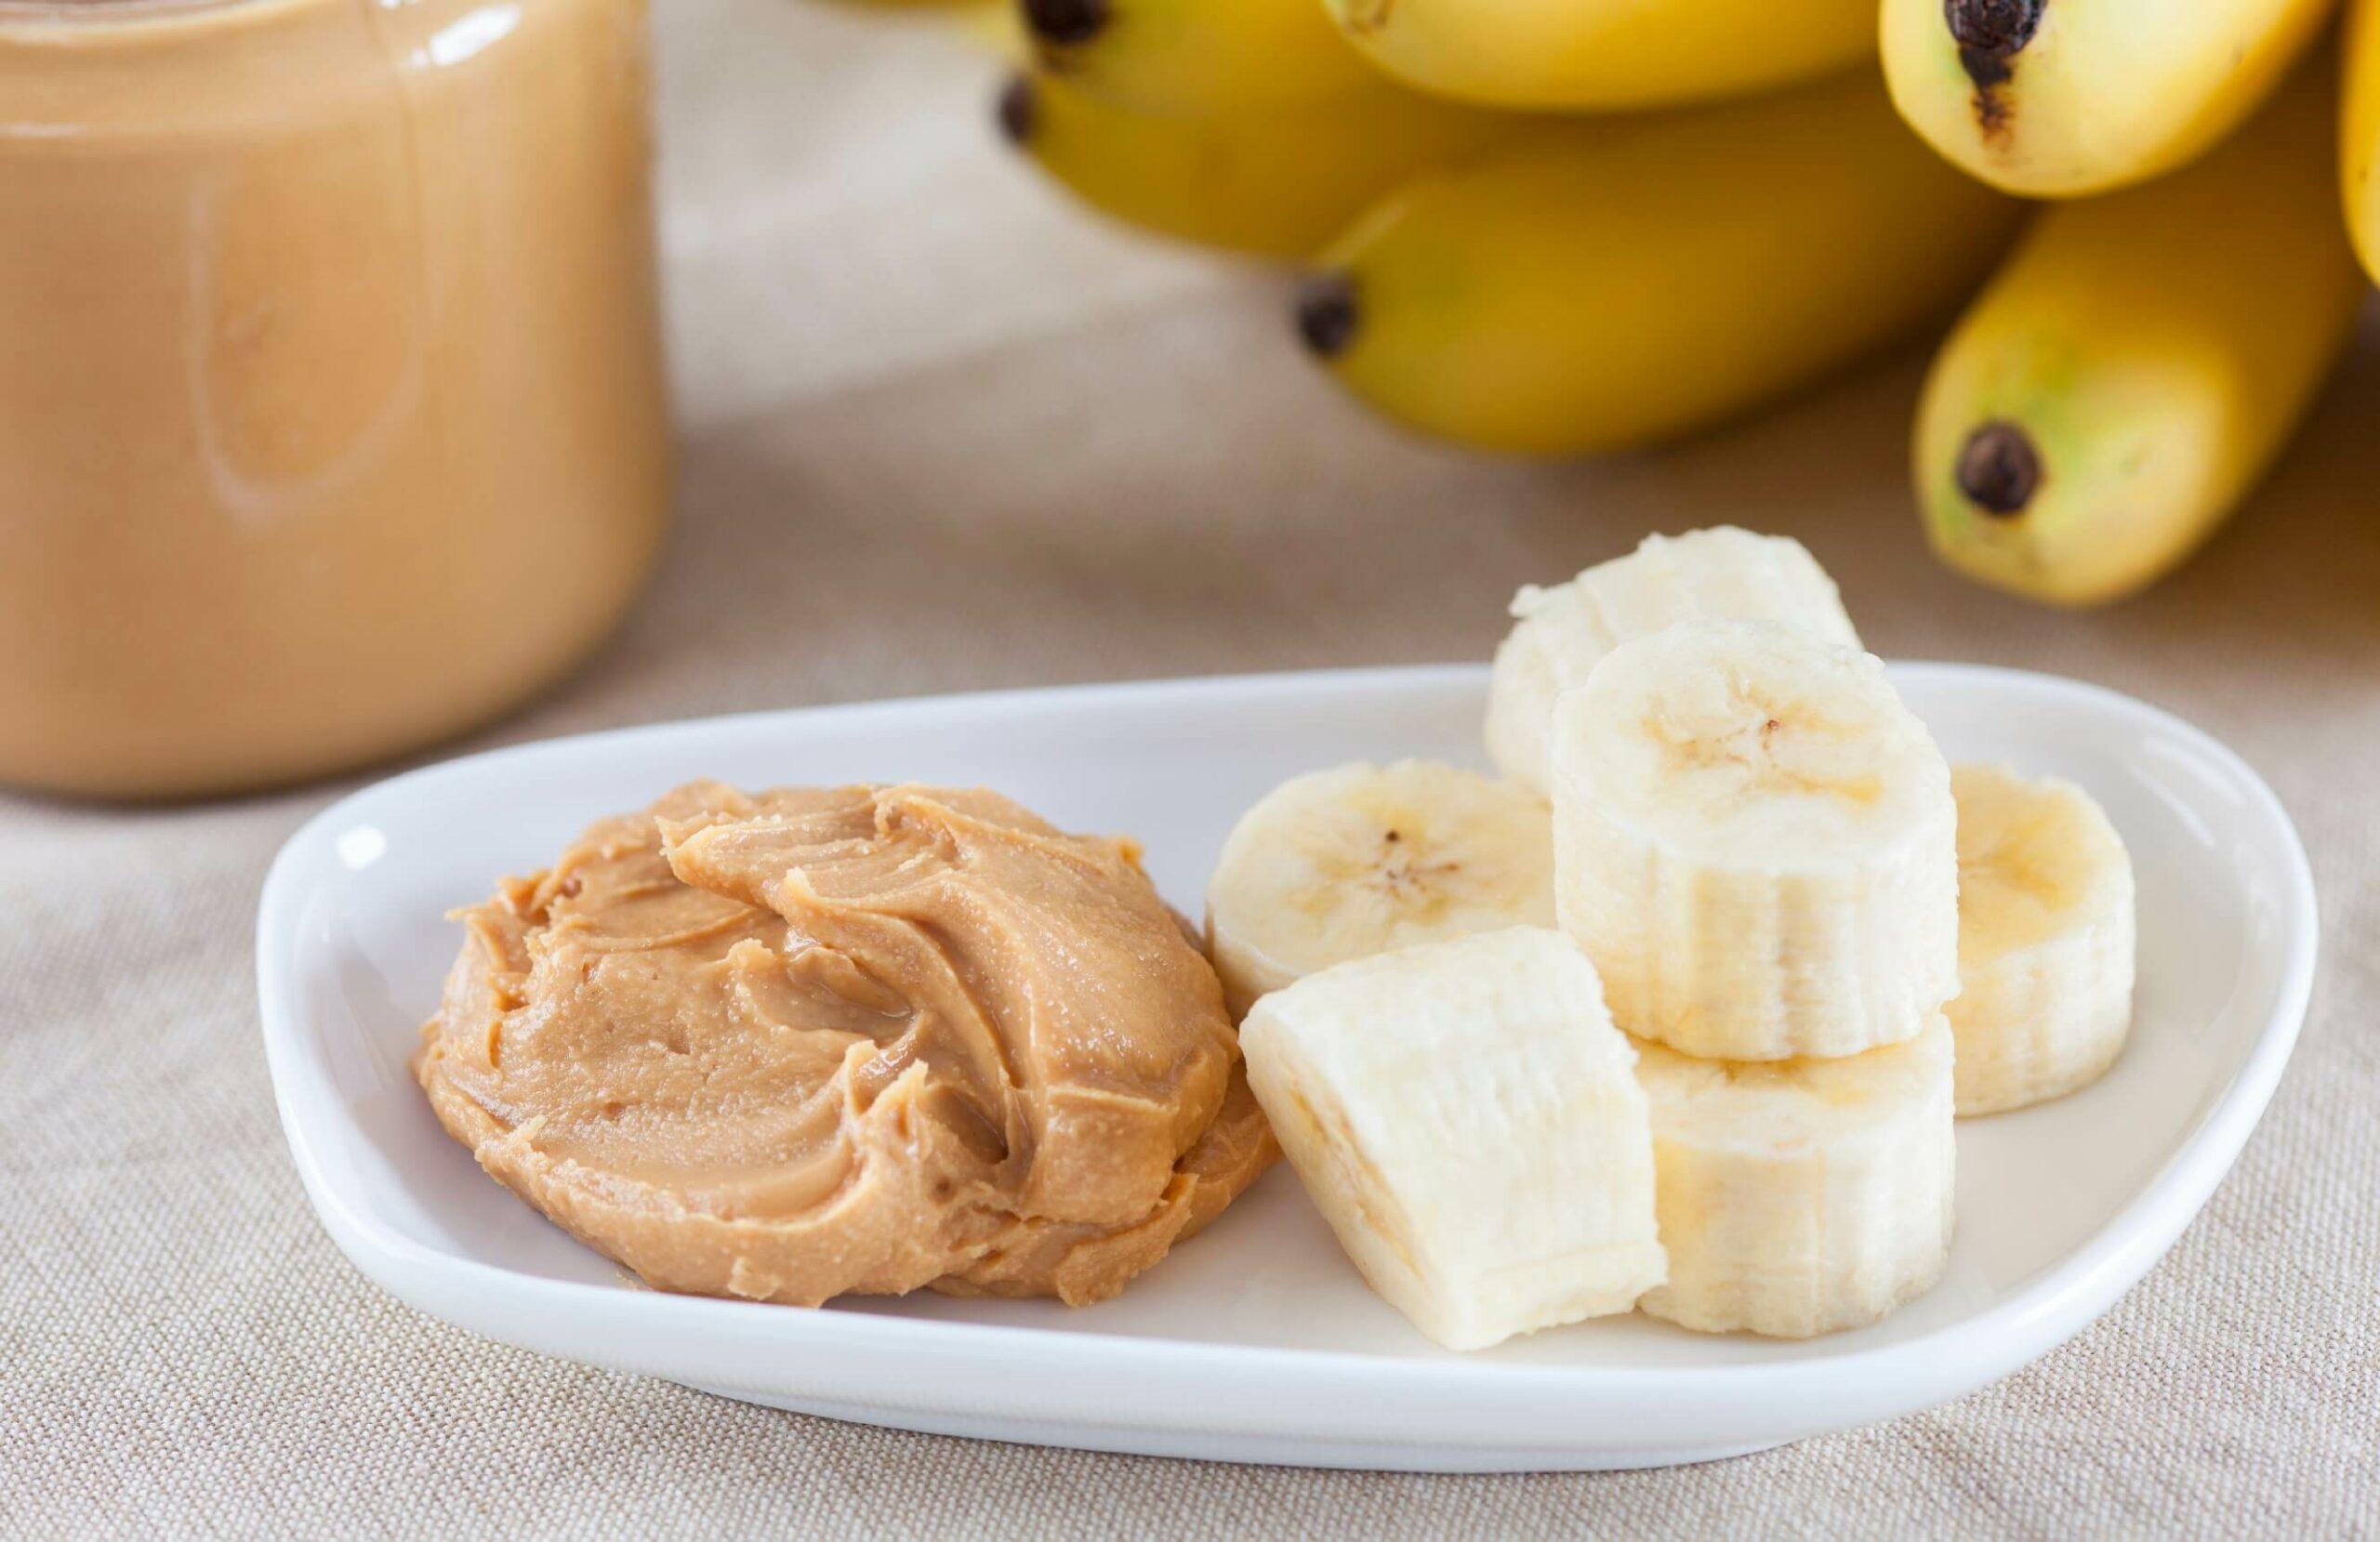 Ideen für deinen Bürosnack: Banane mit Erdnussbutter